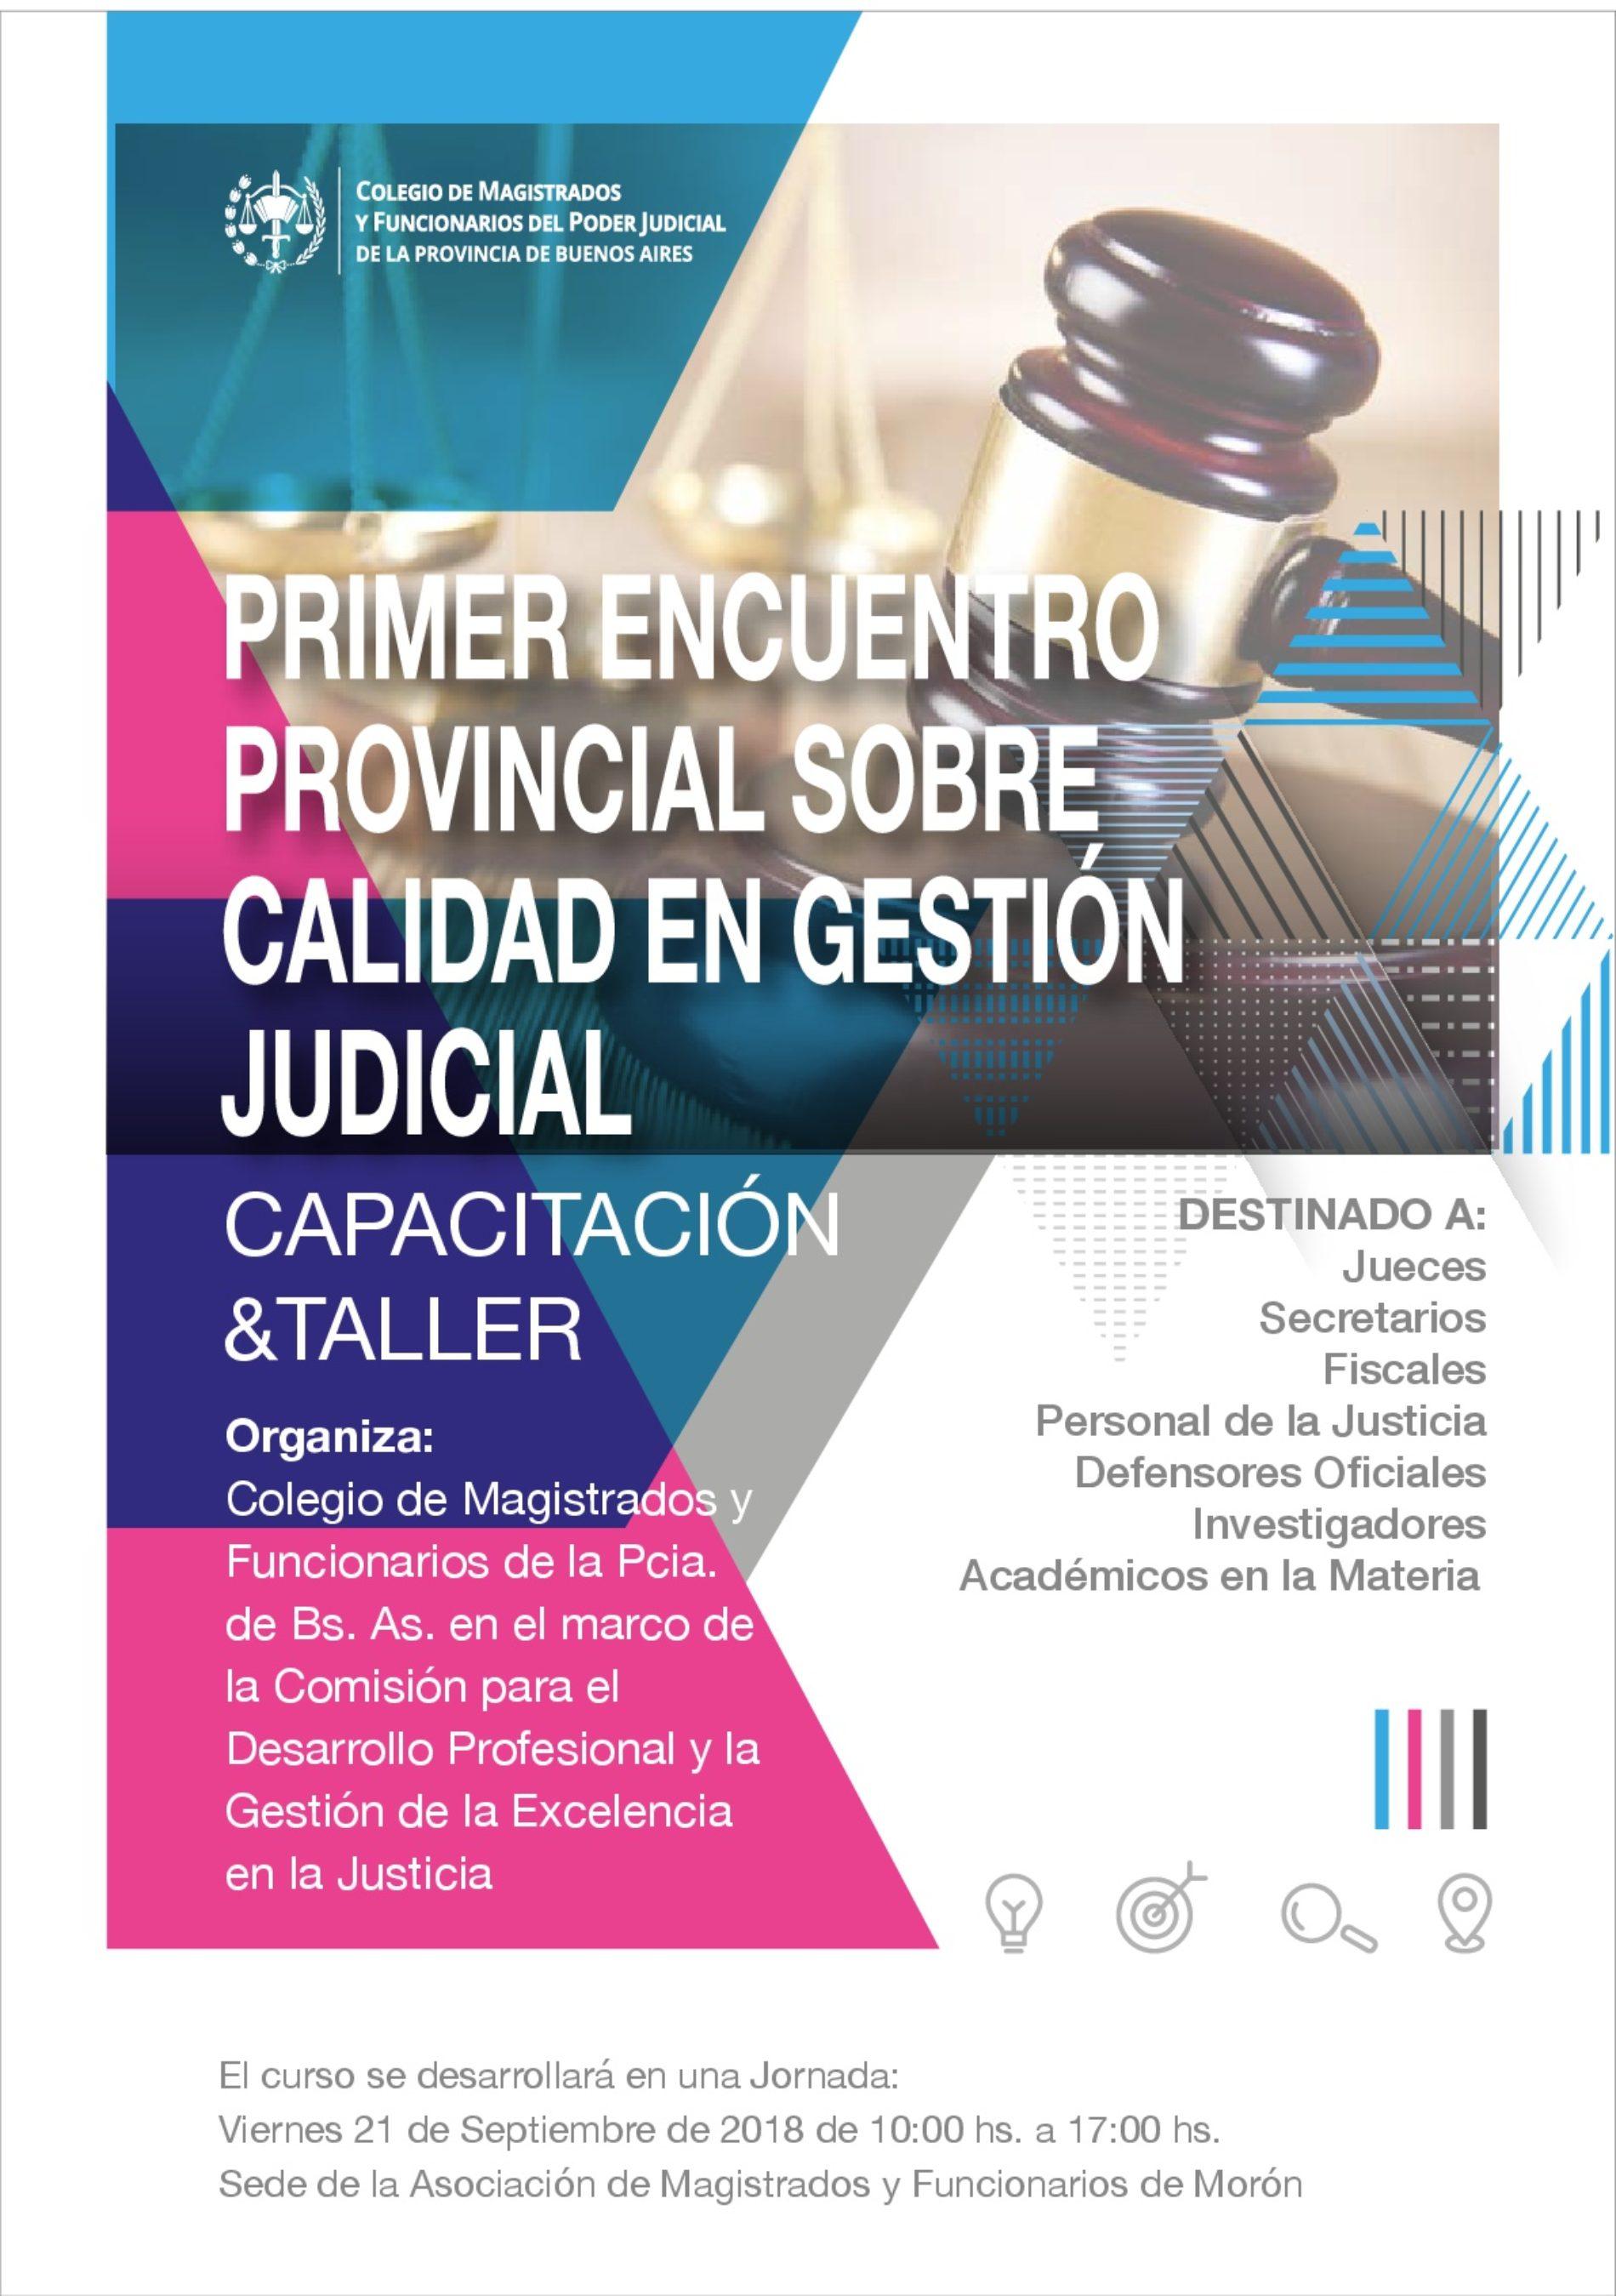 «PRIMER ENCUENTRO PROVINCIAL SOBRE CALIDAD EN GESTIÓN JUDICIAL»